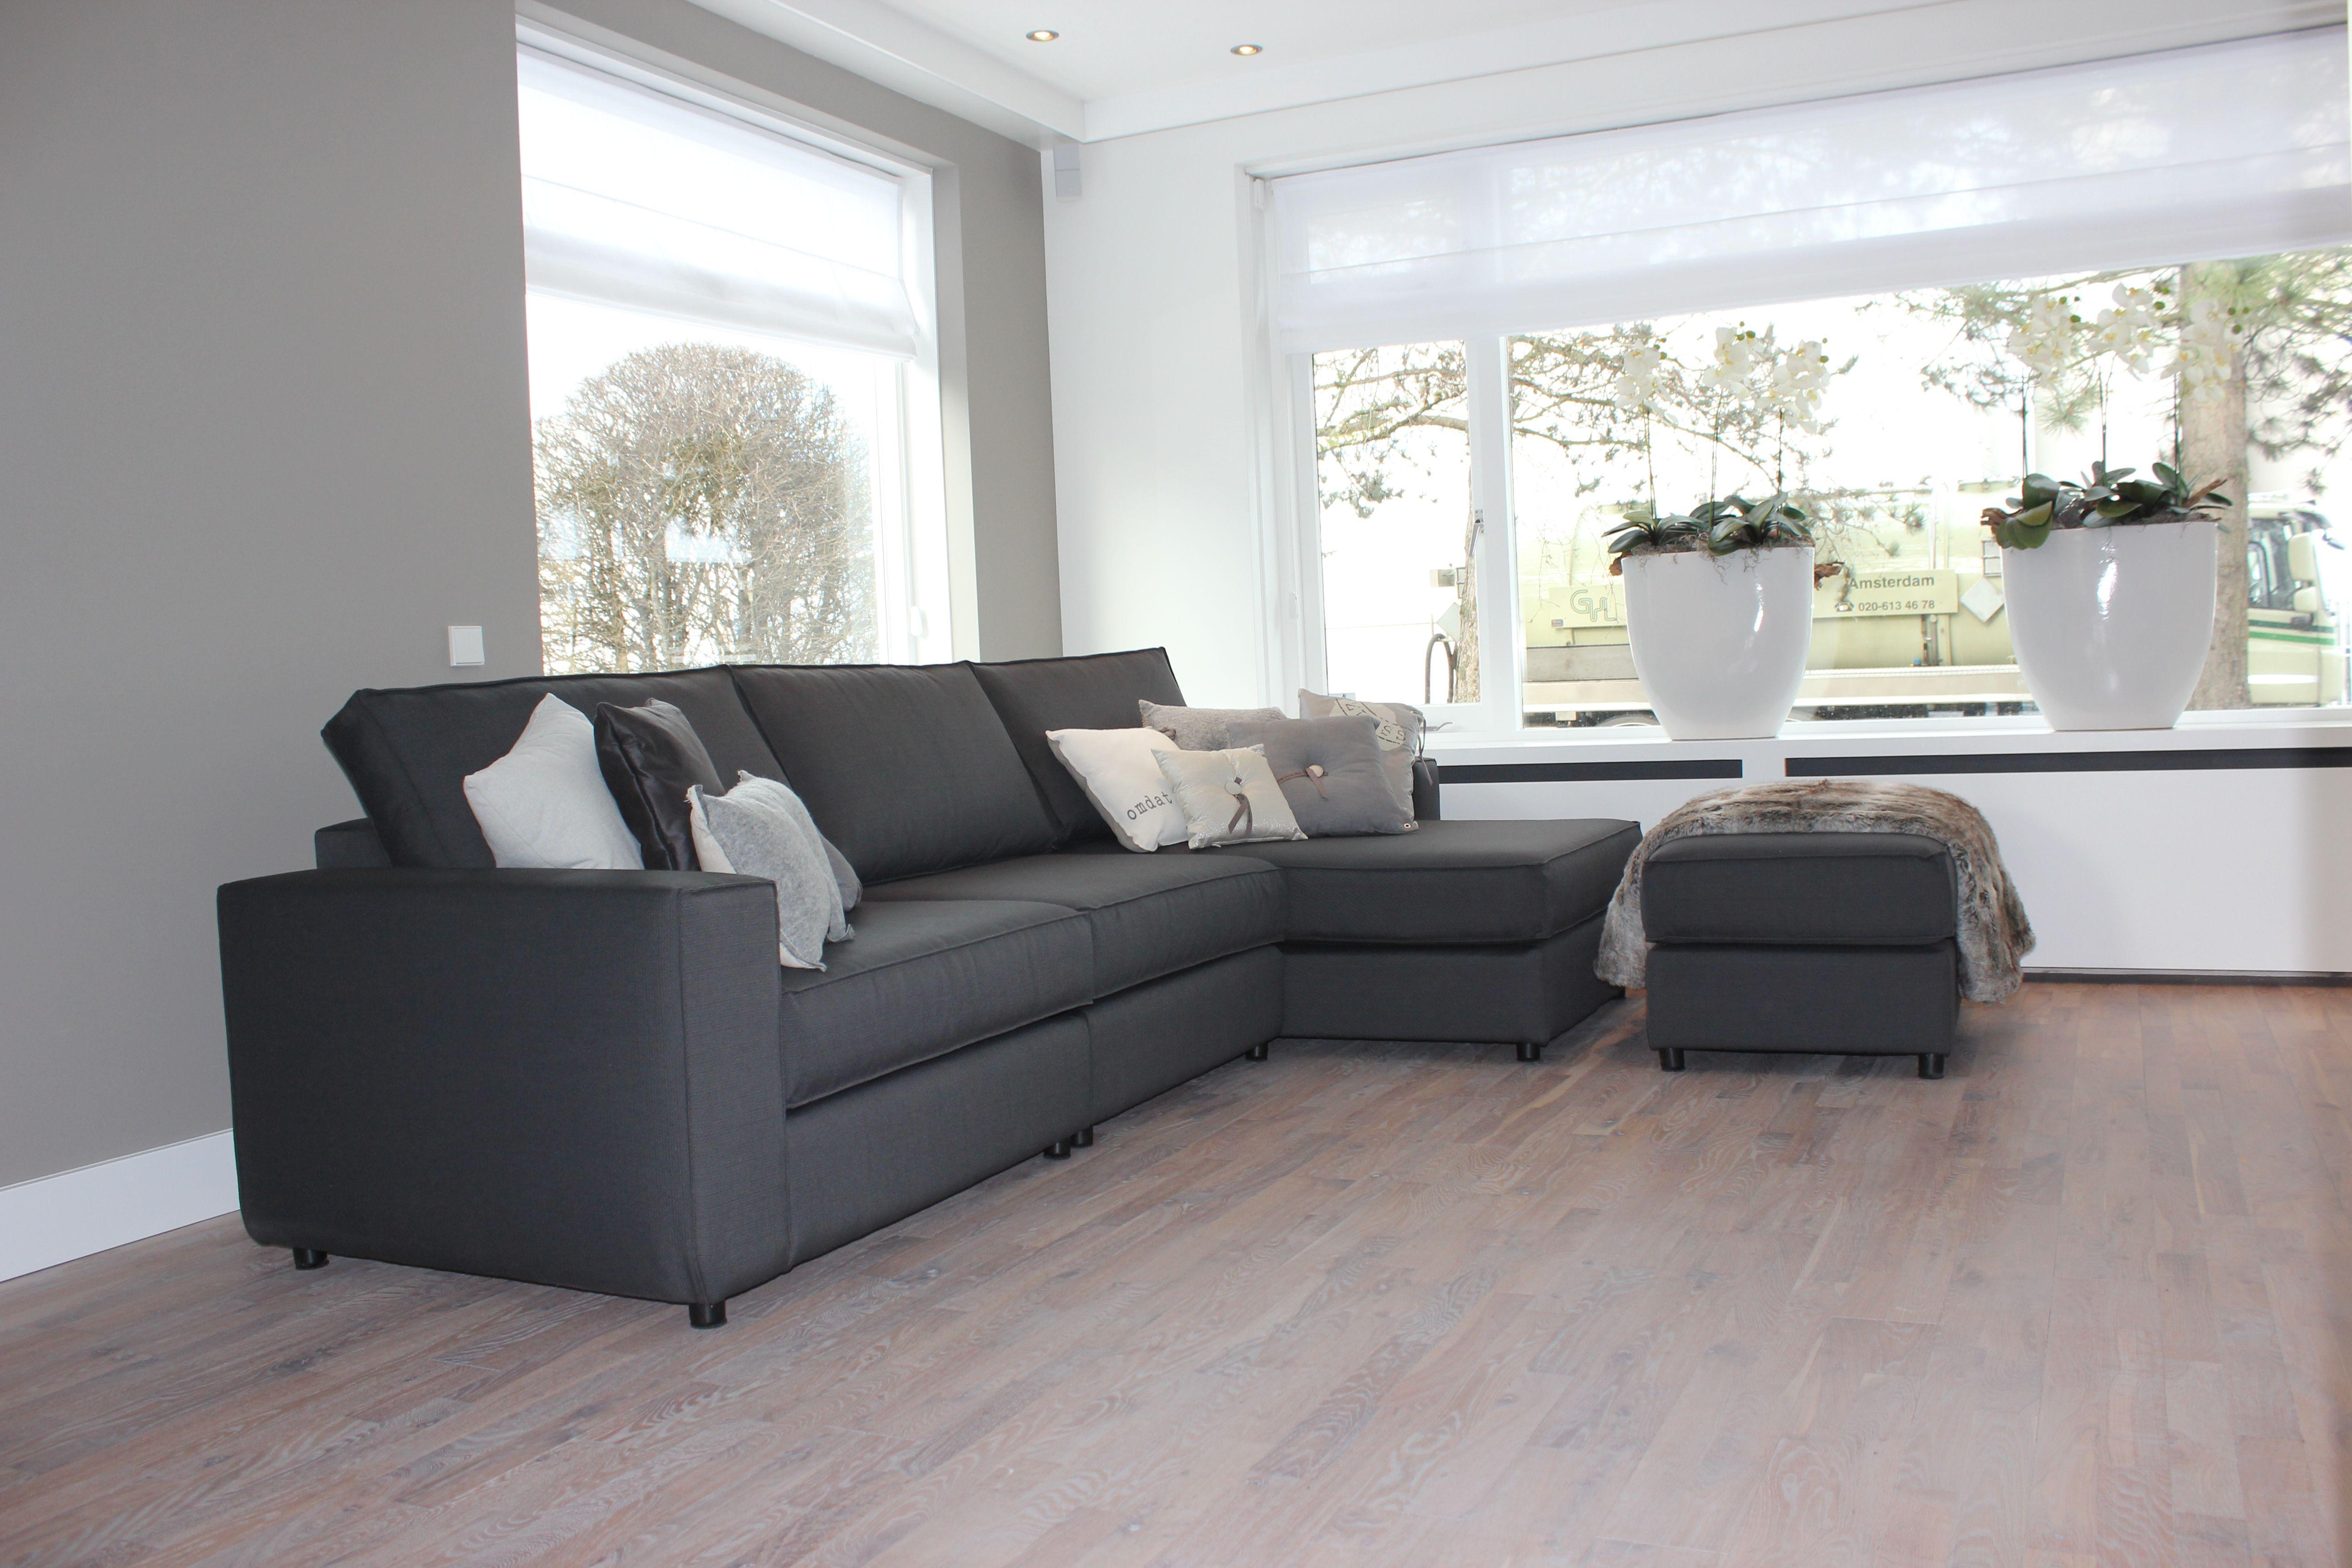 Bank met kussens gezellige woonkamer stijl met reeks van Gezellige woonkamer